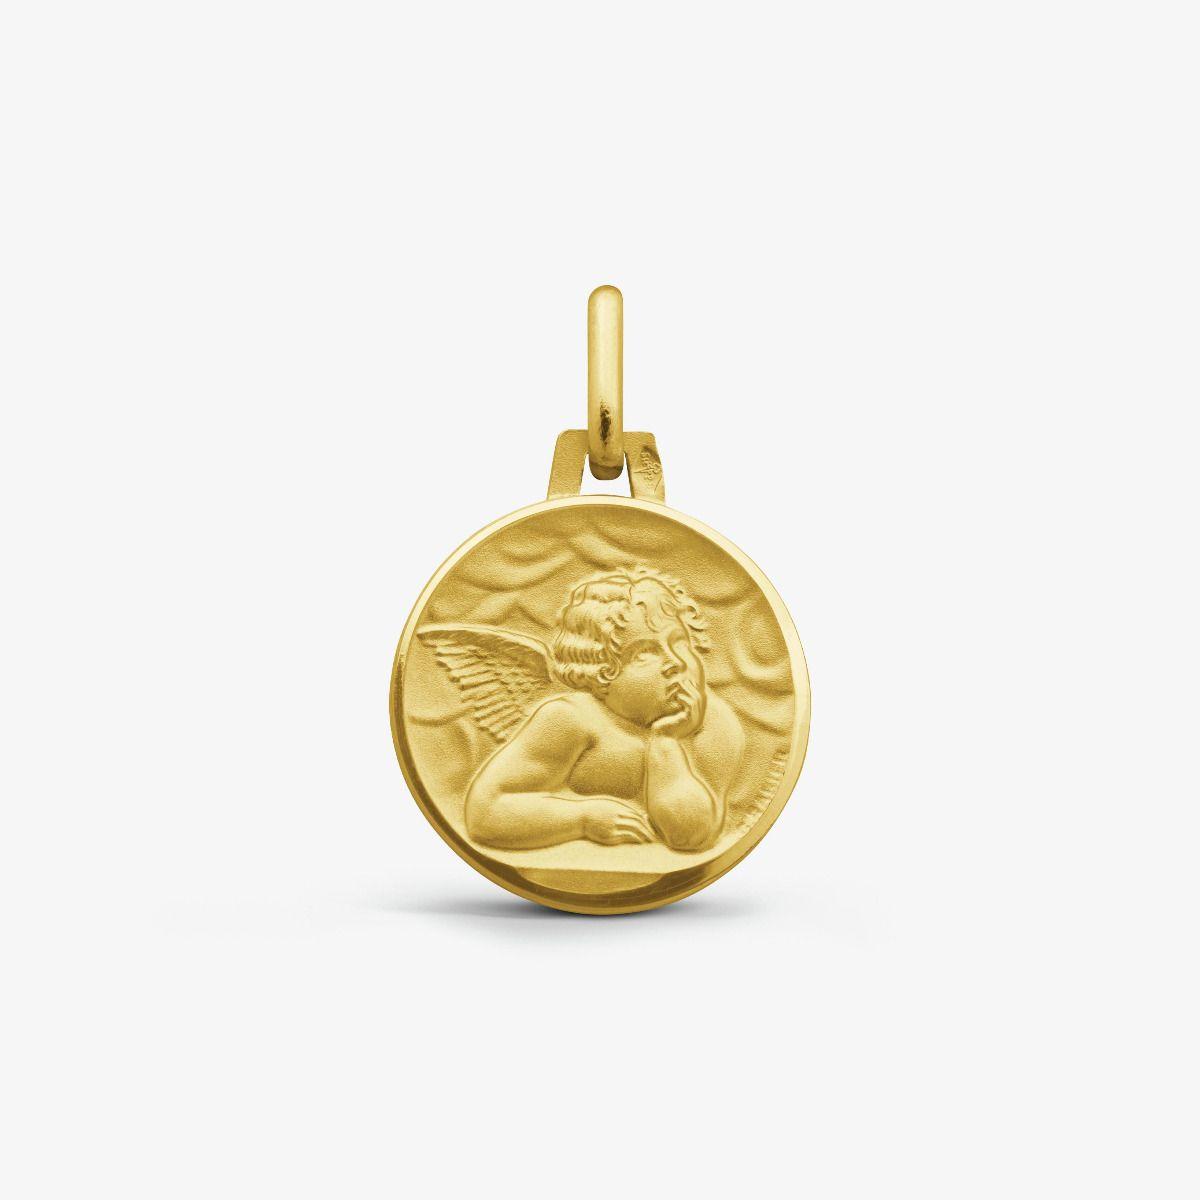 Médaille Ange de Raphaël Or Jaune 9 carats - 14 mm